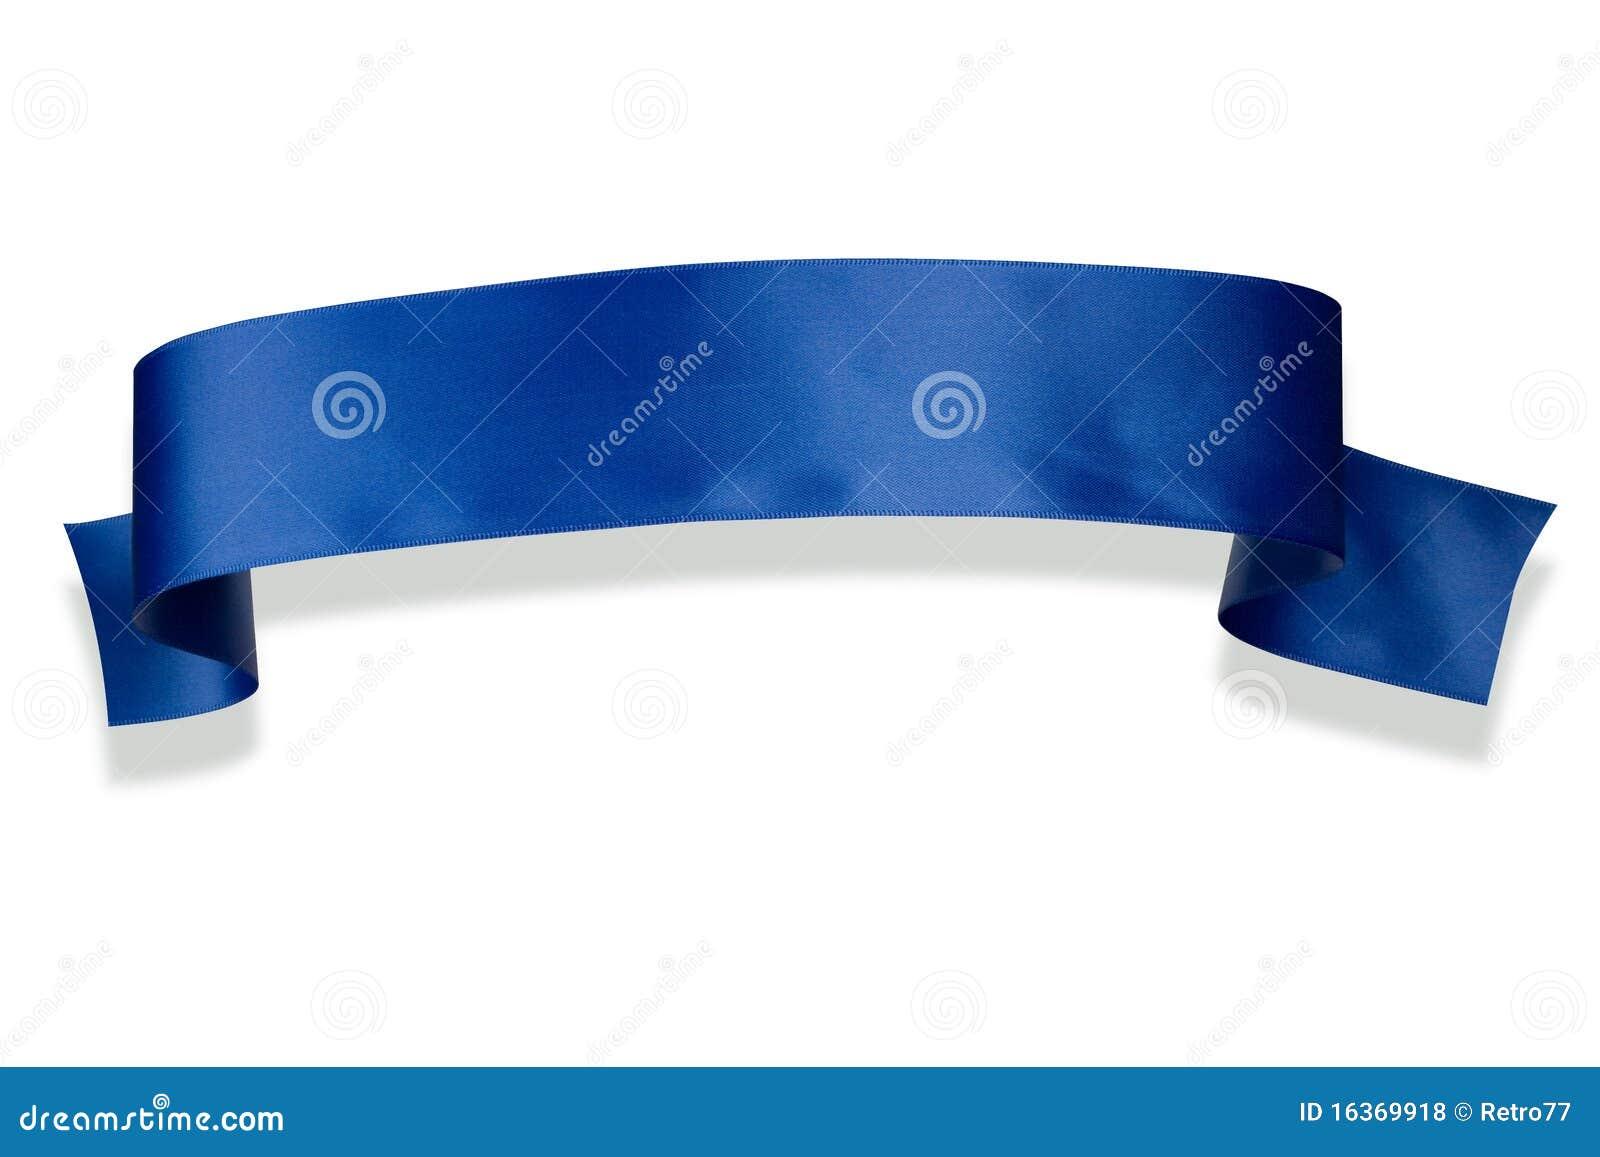 Blue Ribbon Banner Royalty Free Stock Photos - Image: 16369918  Blue Ribbon Ban...